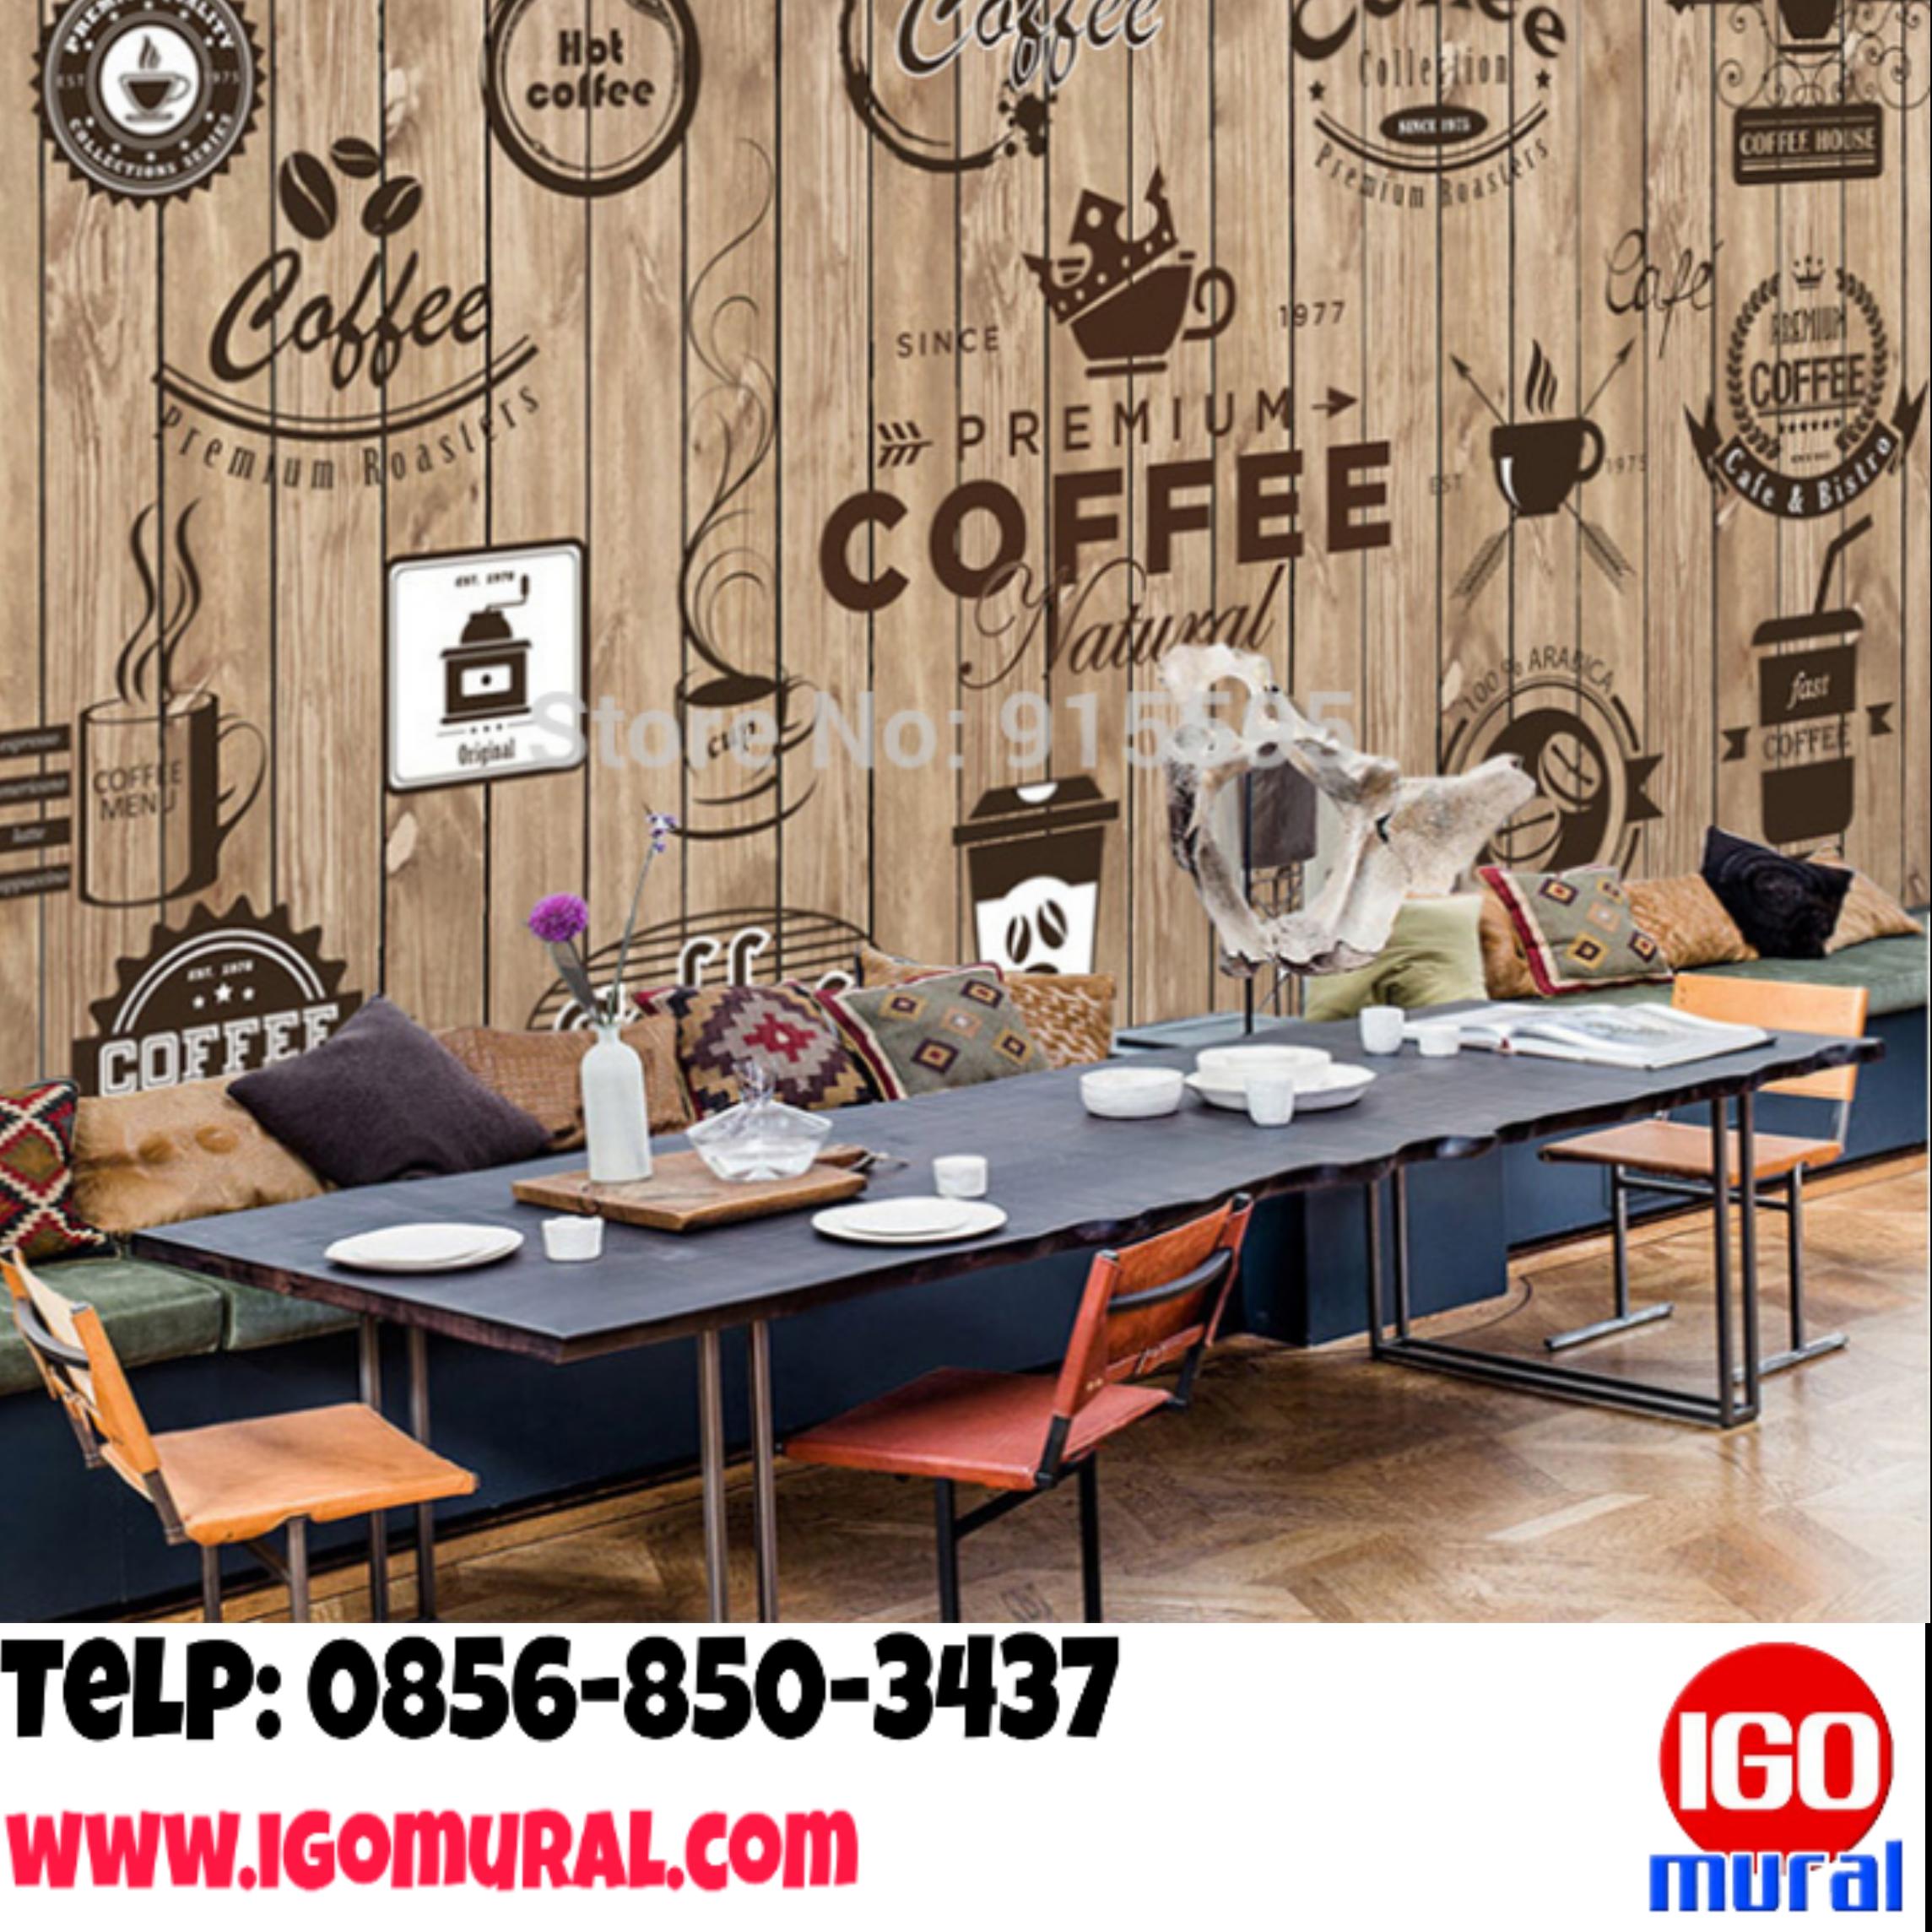 Profesional Telp 0856 850 3437 Lukis Tembok Café Lukisan